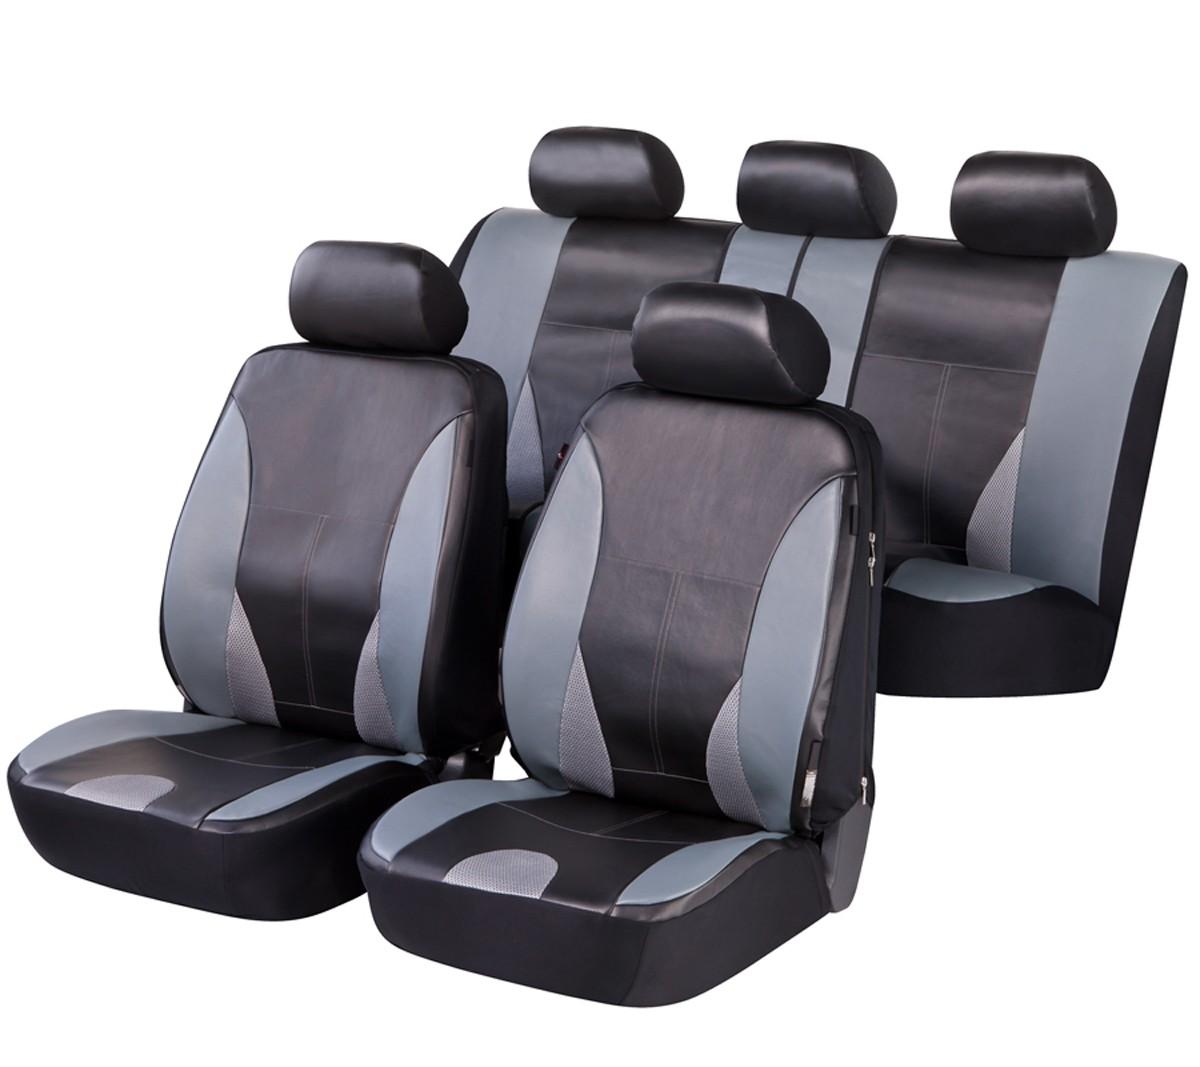 Sitzbezüge Schonbezüge für Subaru Forester schwarz-grau V1101676 Vordersitze